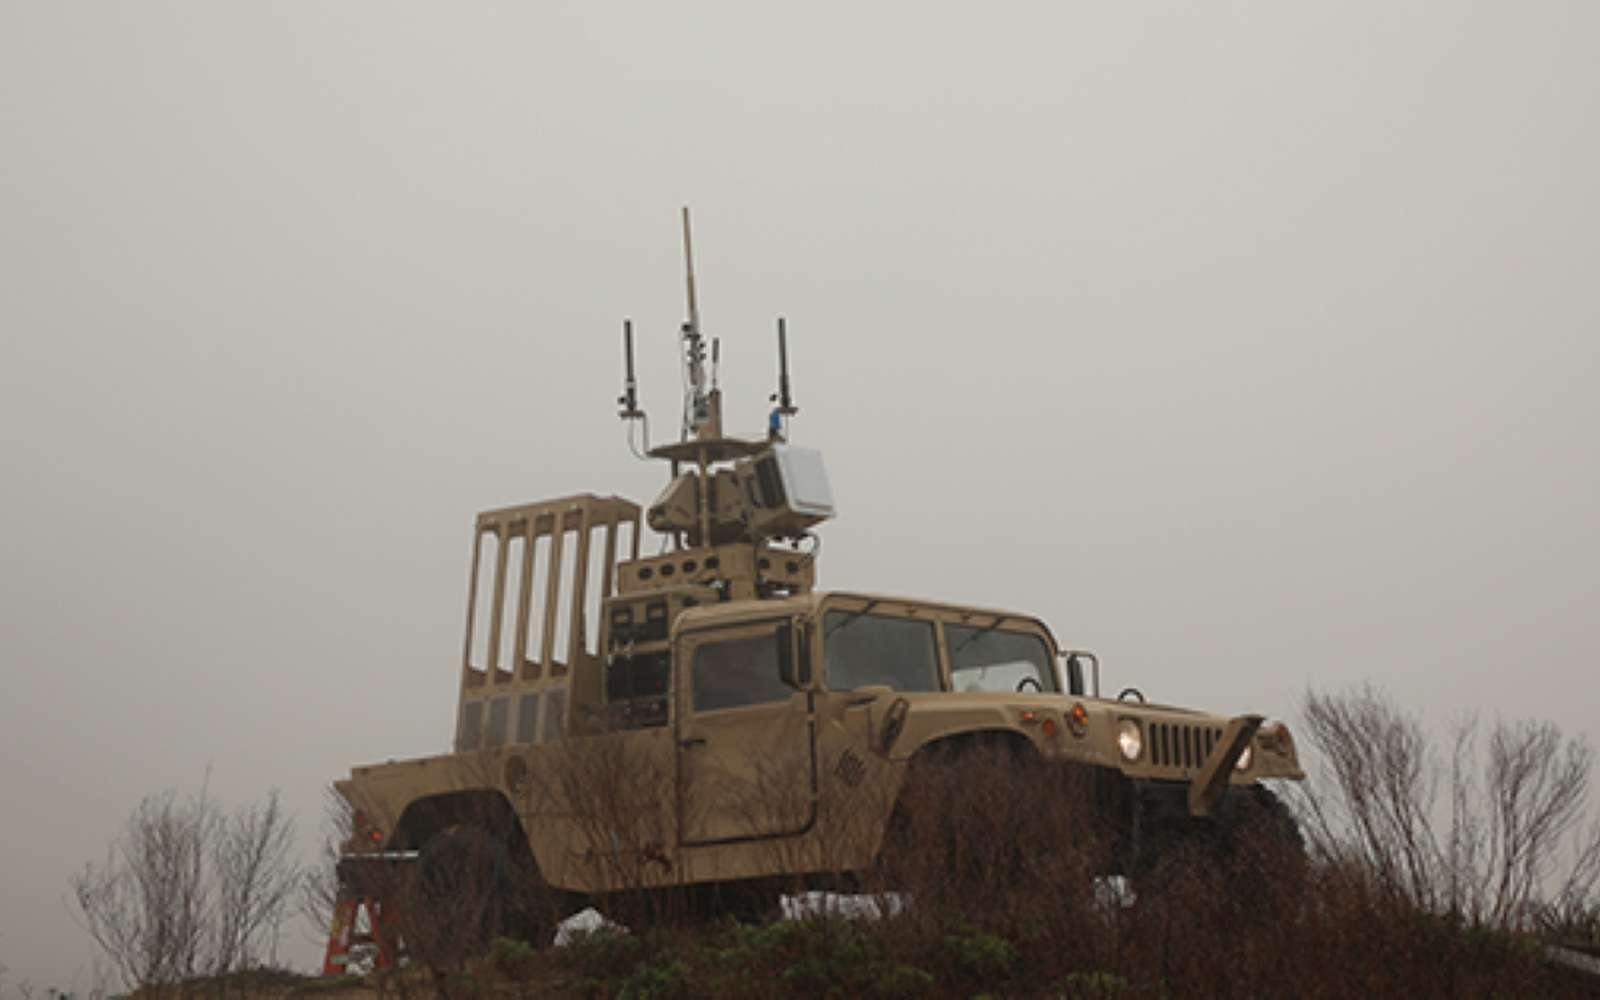 Le véhicule blindé léger dispose du puissant radar à bande X à courte portée et d'un système de tir permettant d'envoyer les tubes volants qui vont neutraliser le ou les drones. © Darpa